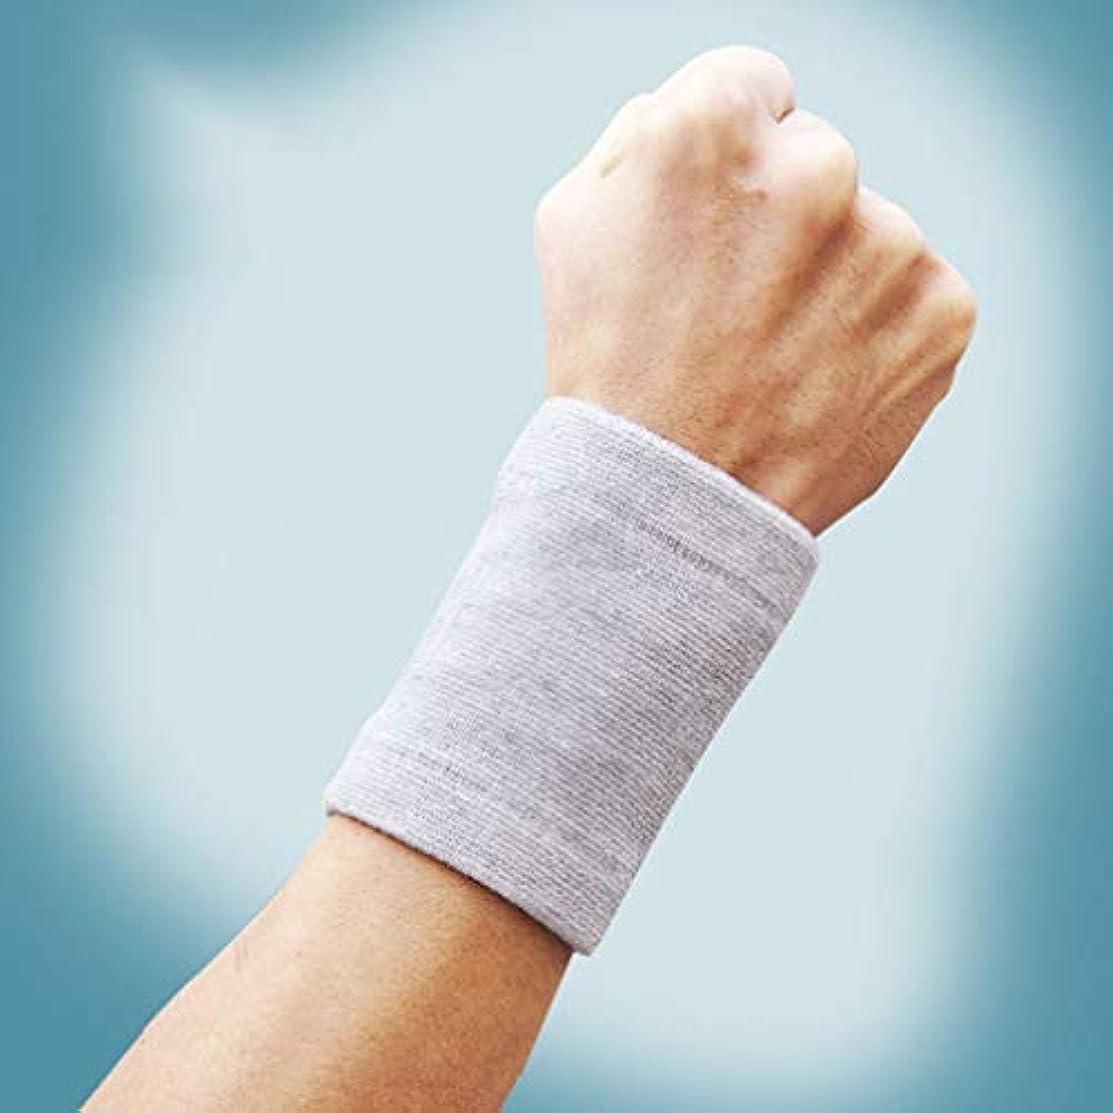 肥料モールス信号確執2個の耐摩耗性のある作業製造保護スポーツ手首スリーブ手袋-innovationo